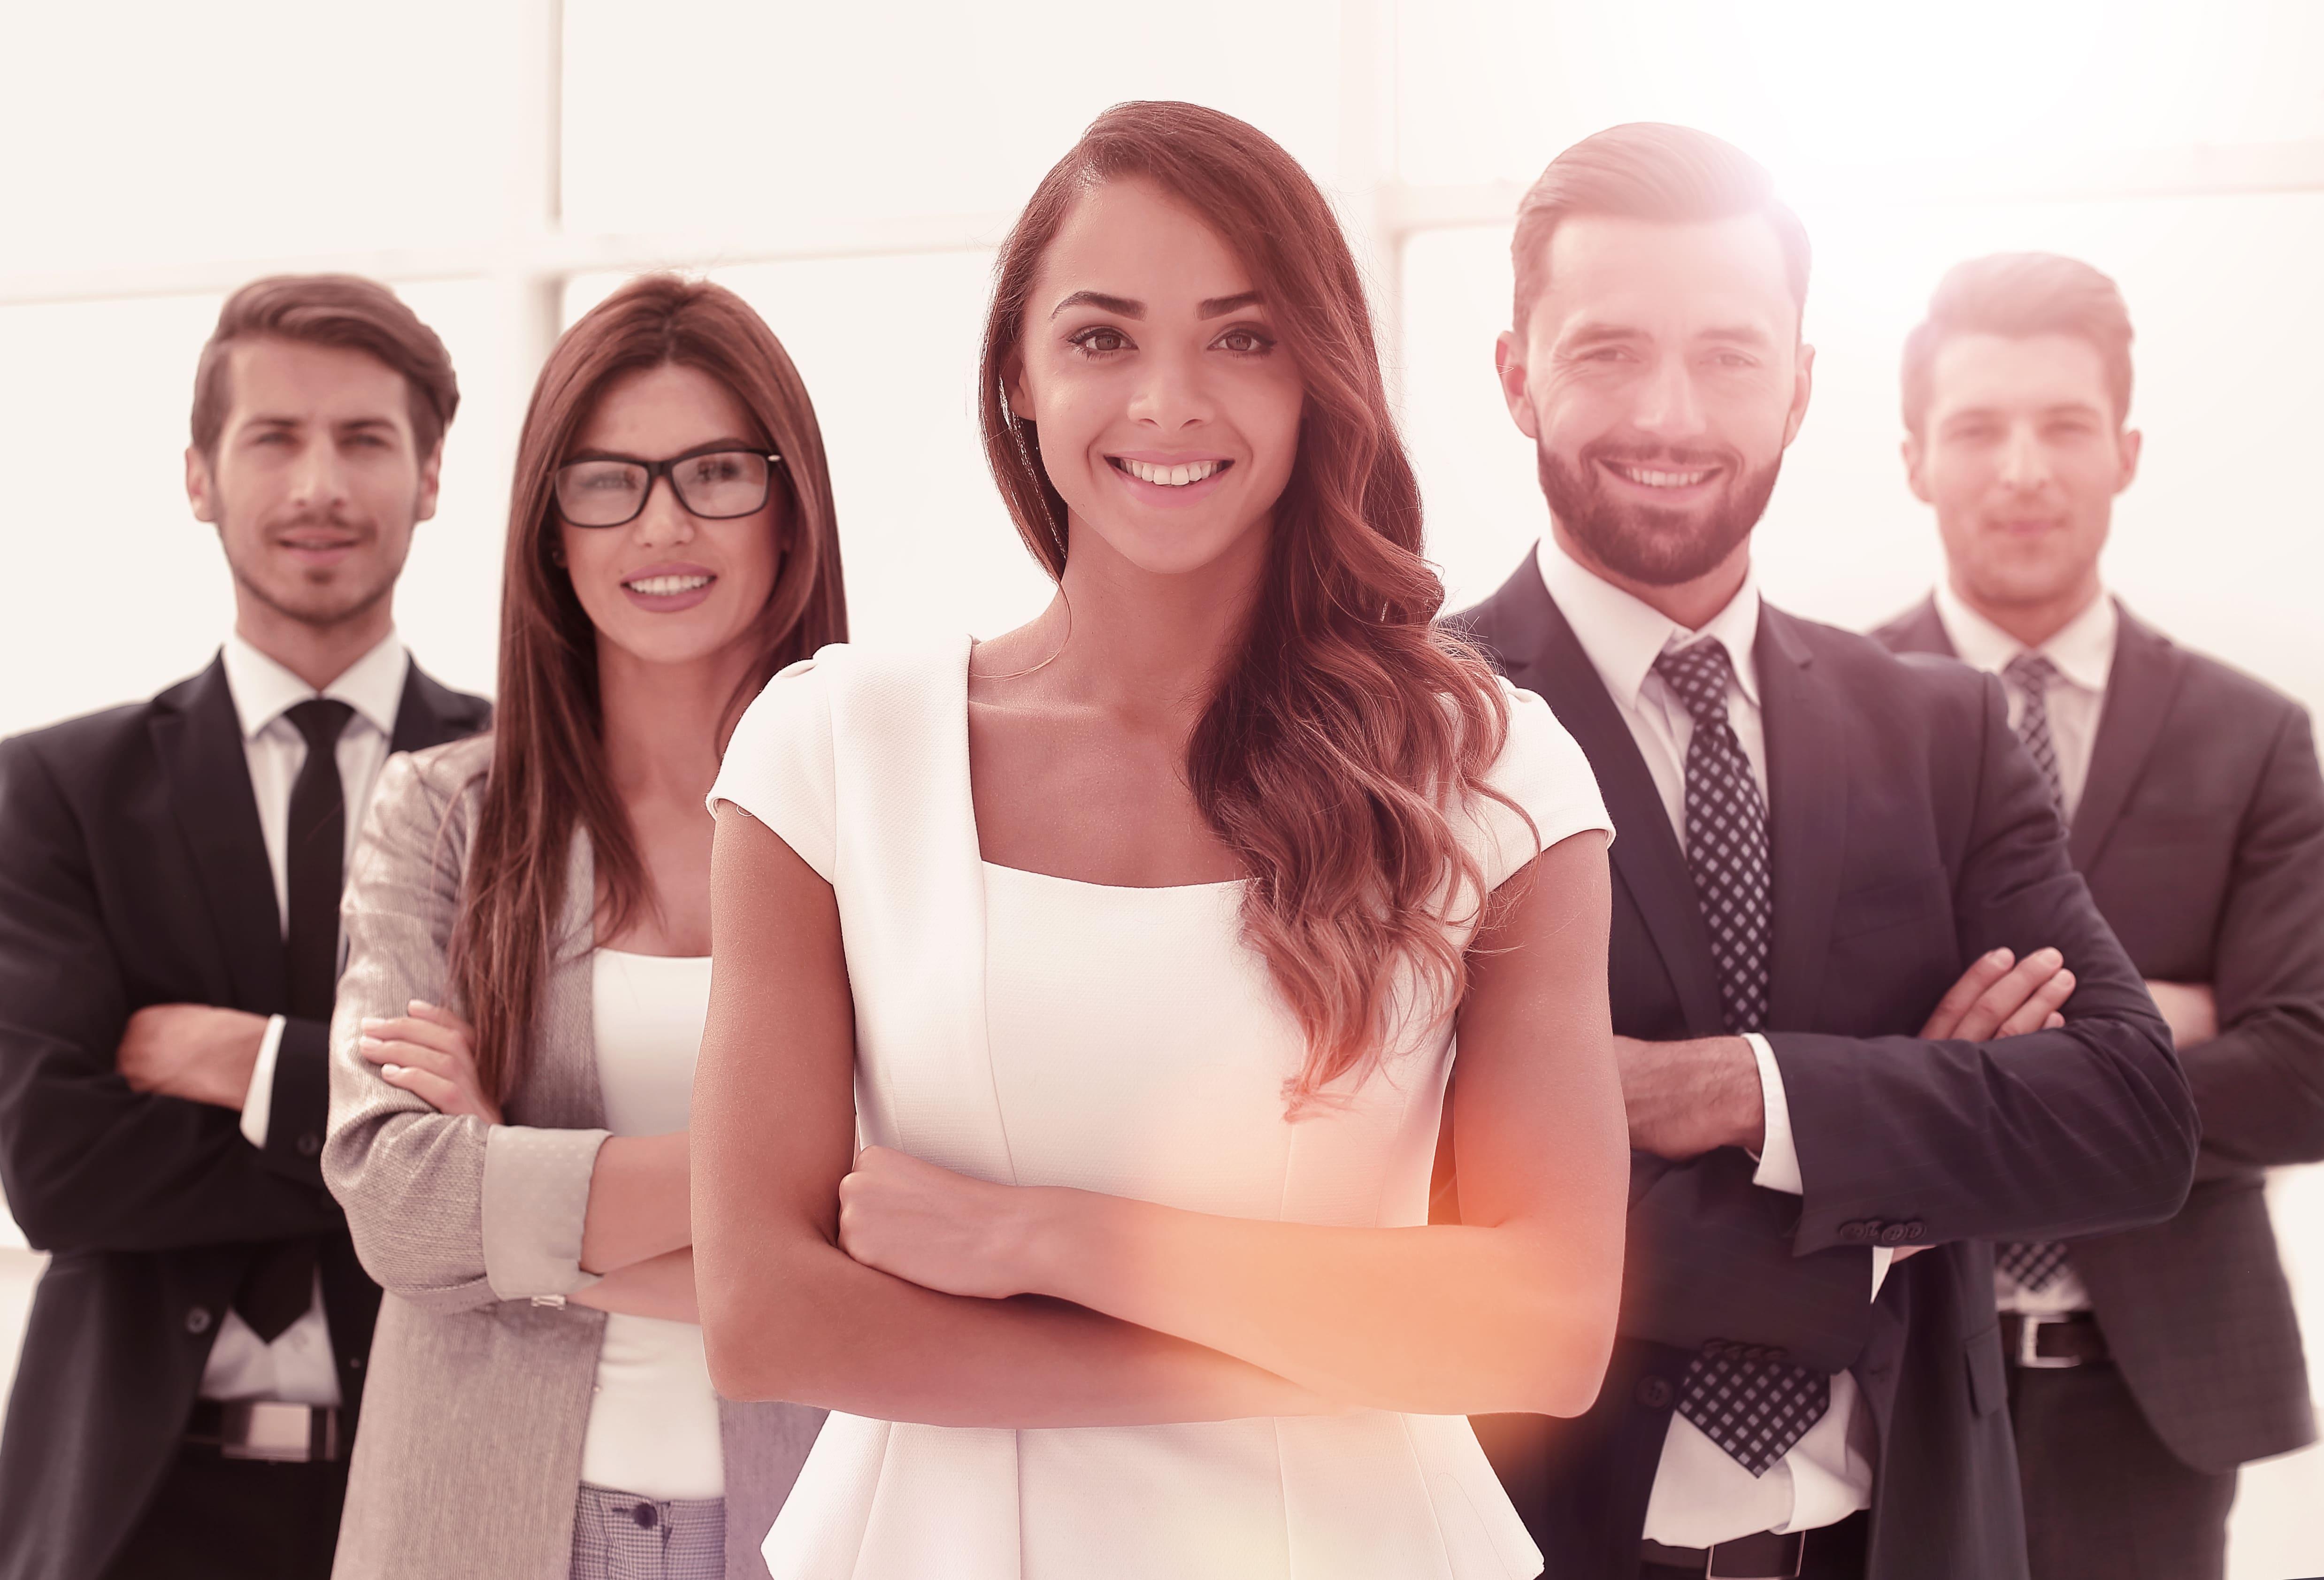 Conseil en image pour entreprises à Bordeaux